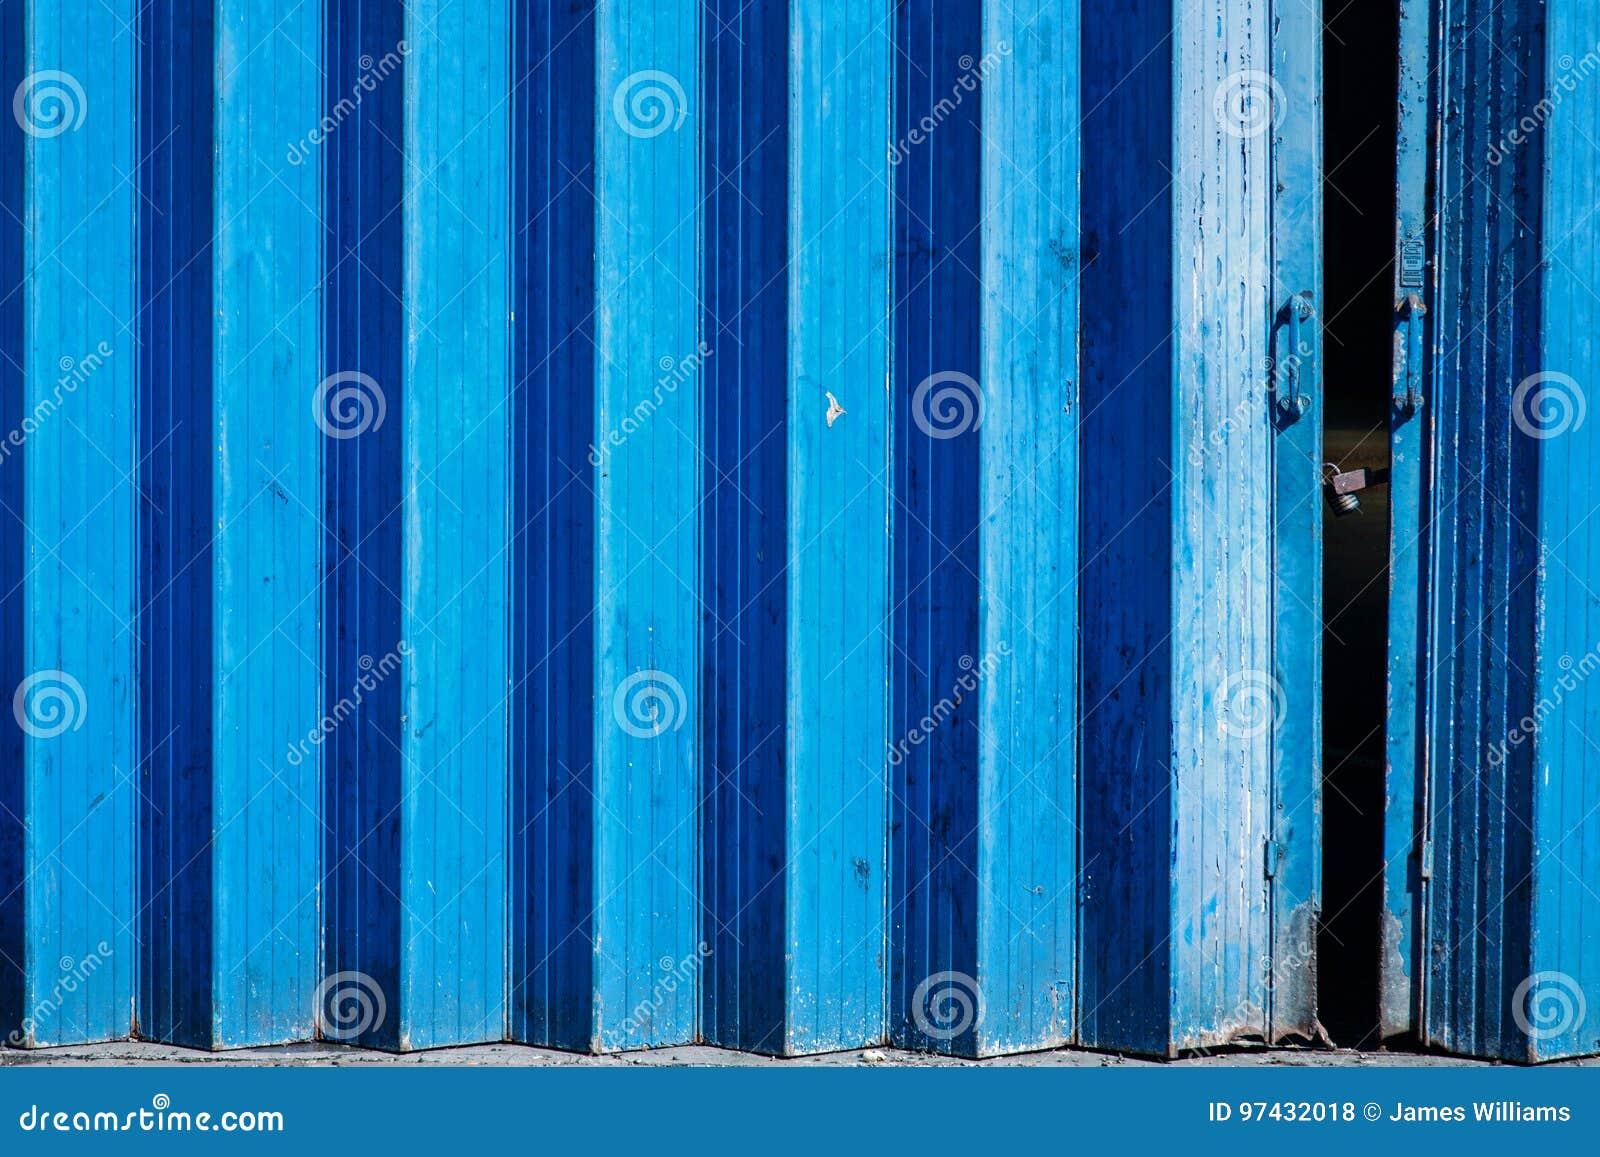 Blauwe geschilderde concertinapoorten